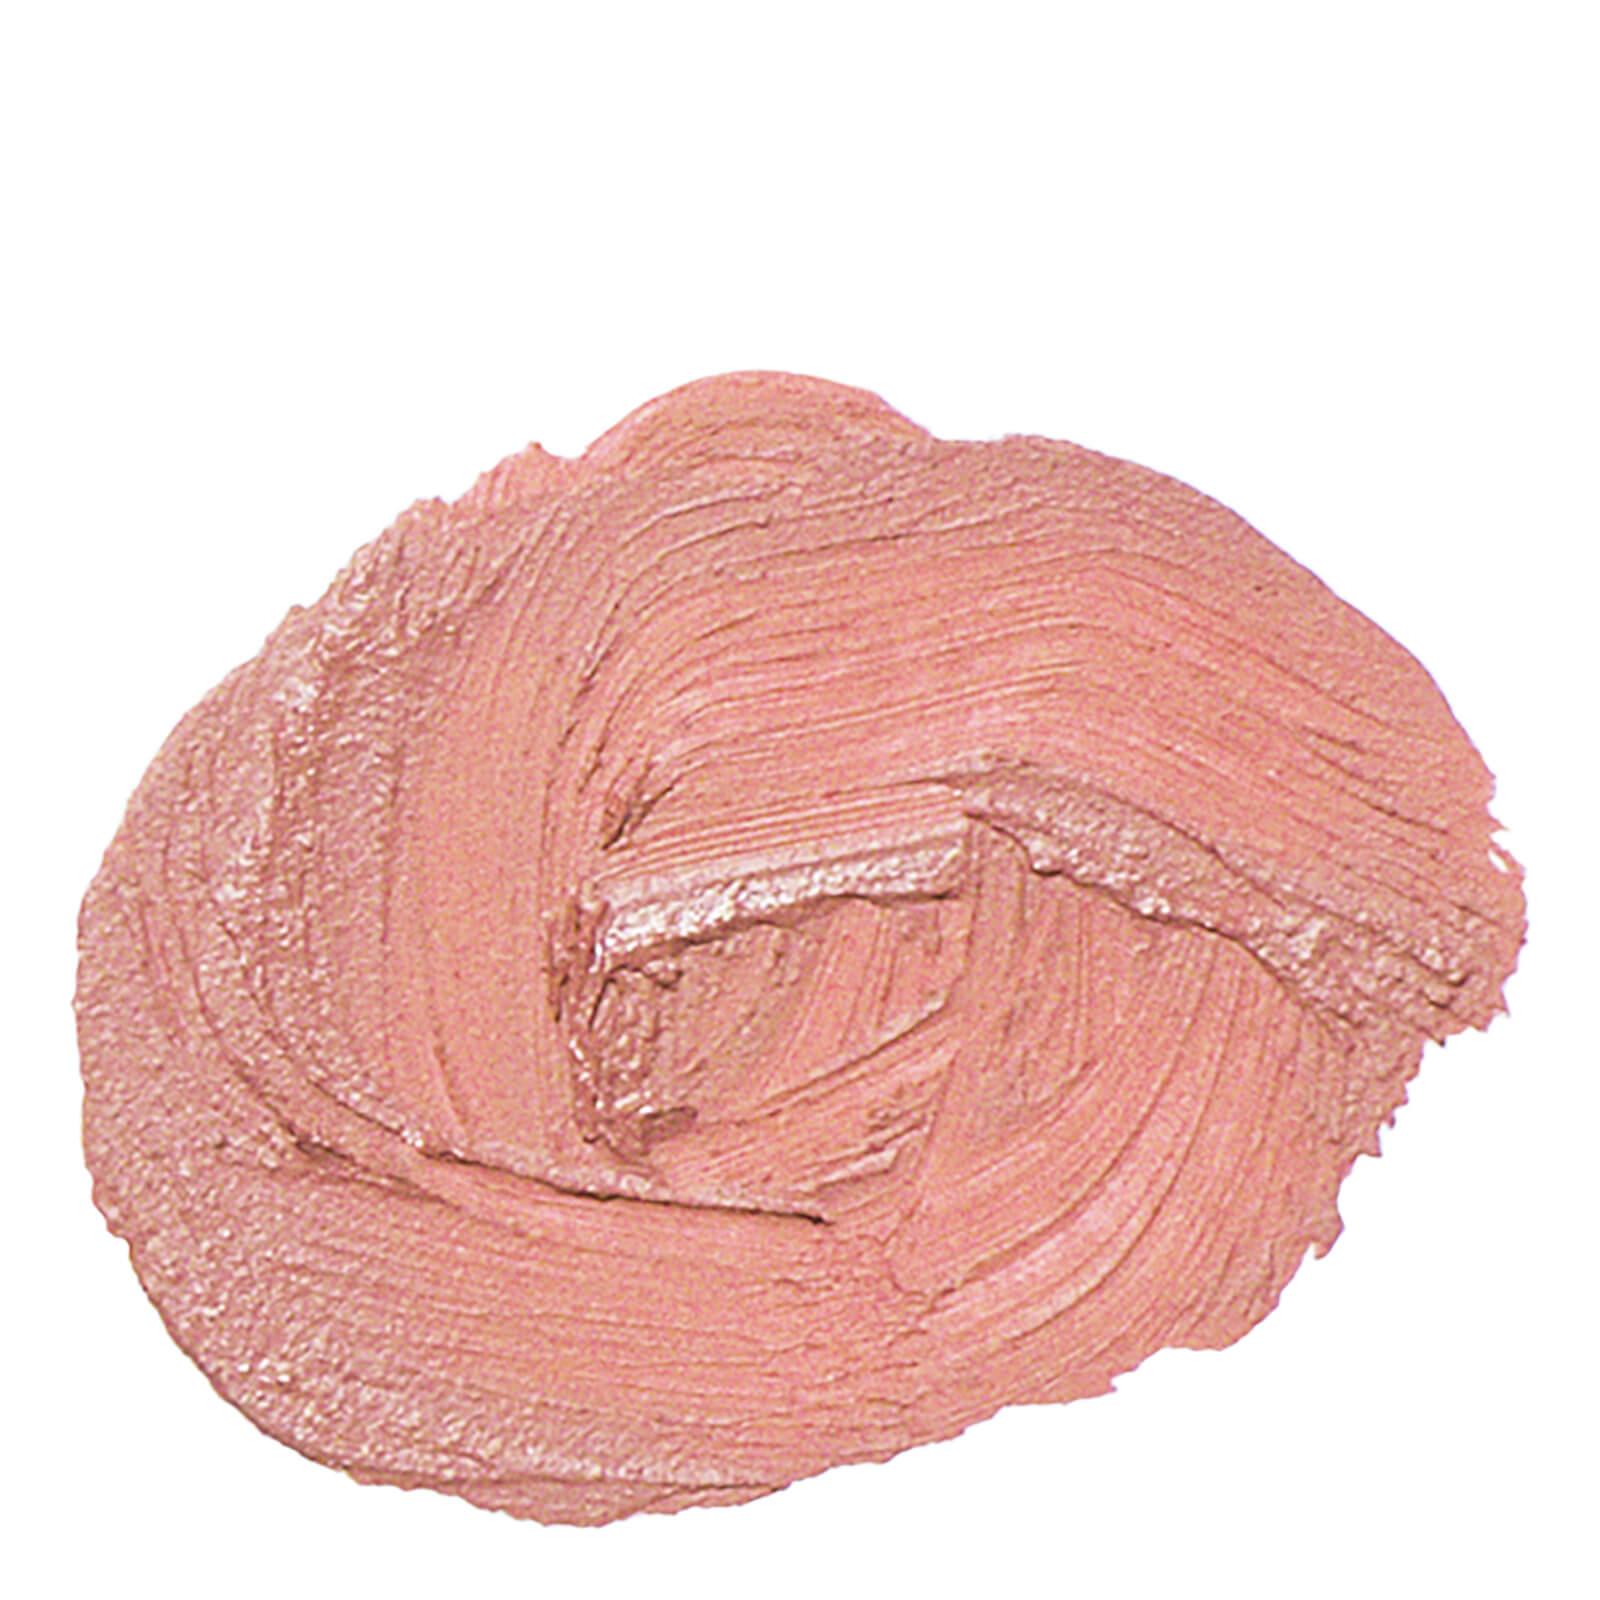 Bobbi Brown Art Stick (verschiedene Farbtöne) - Bare